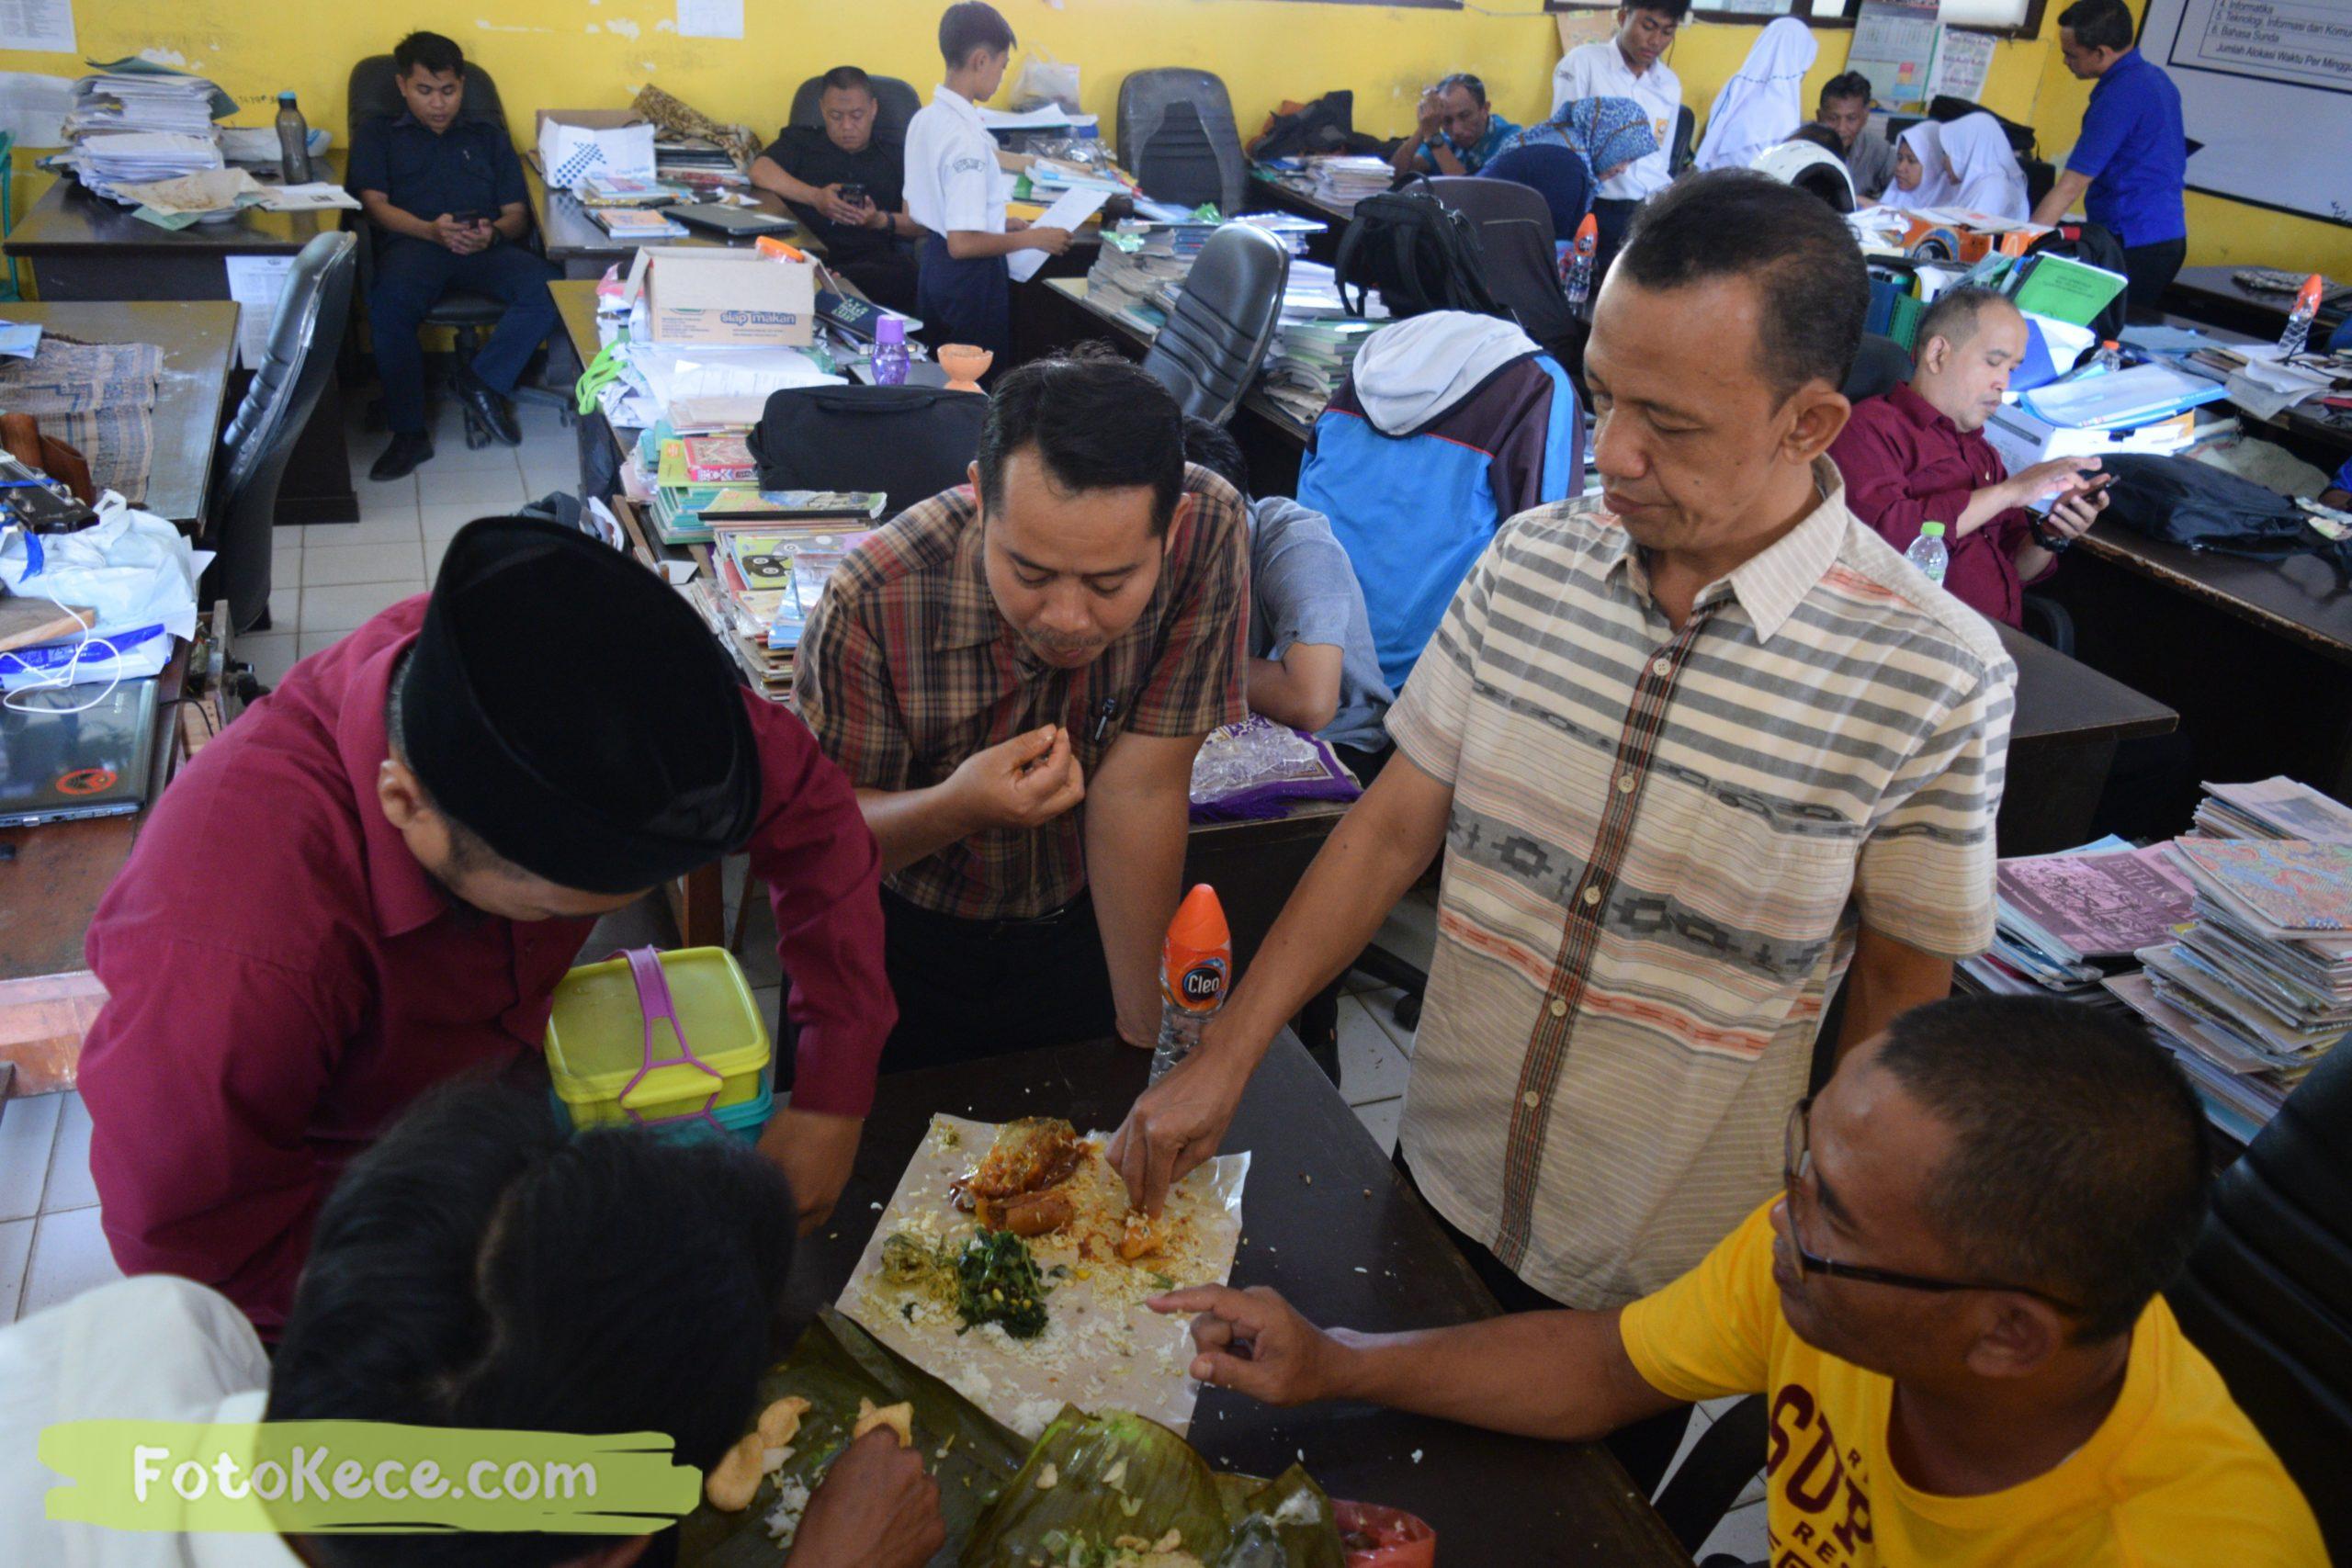 foto makan bareng sewaktu rapat komite dengan ortu 9 mtsn 2 sukabumi foto kece 05022020 37 scaled